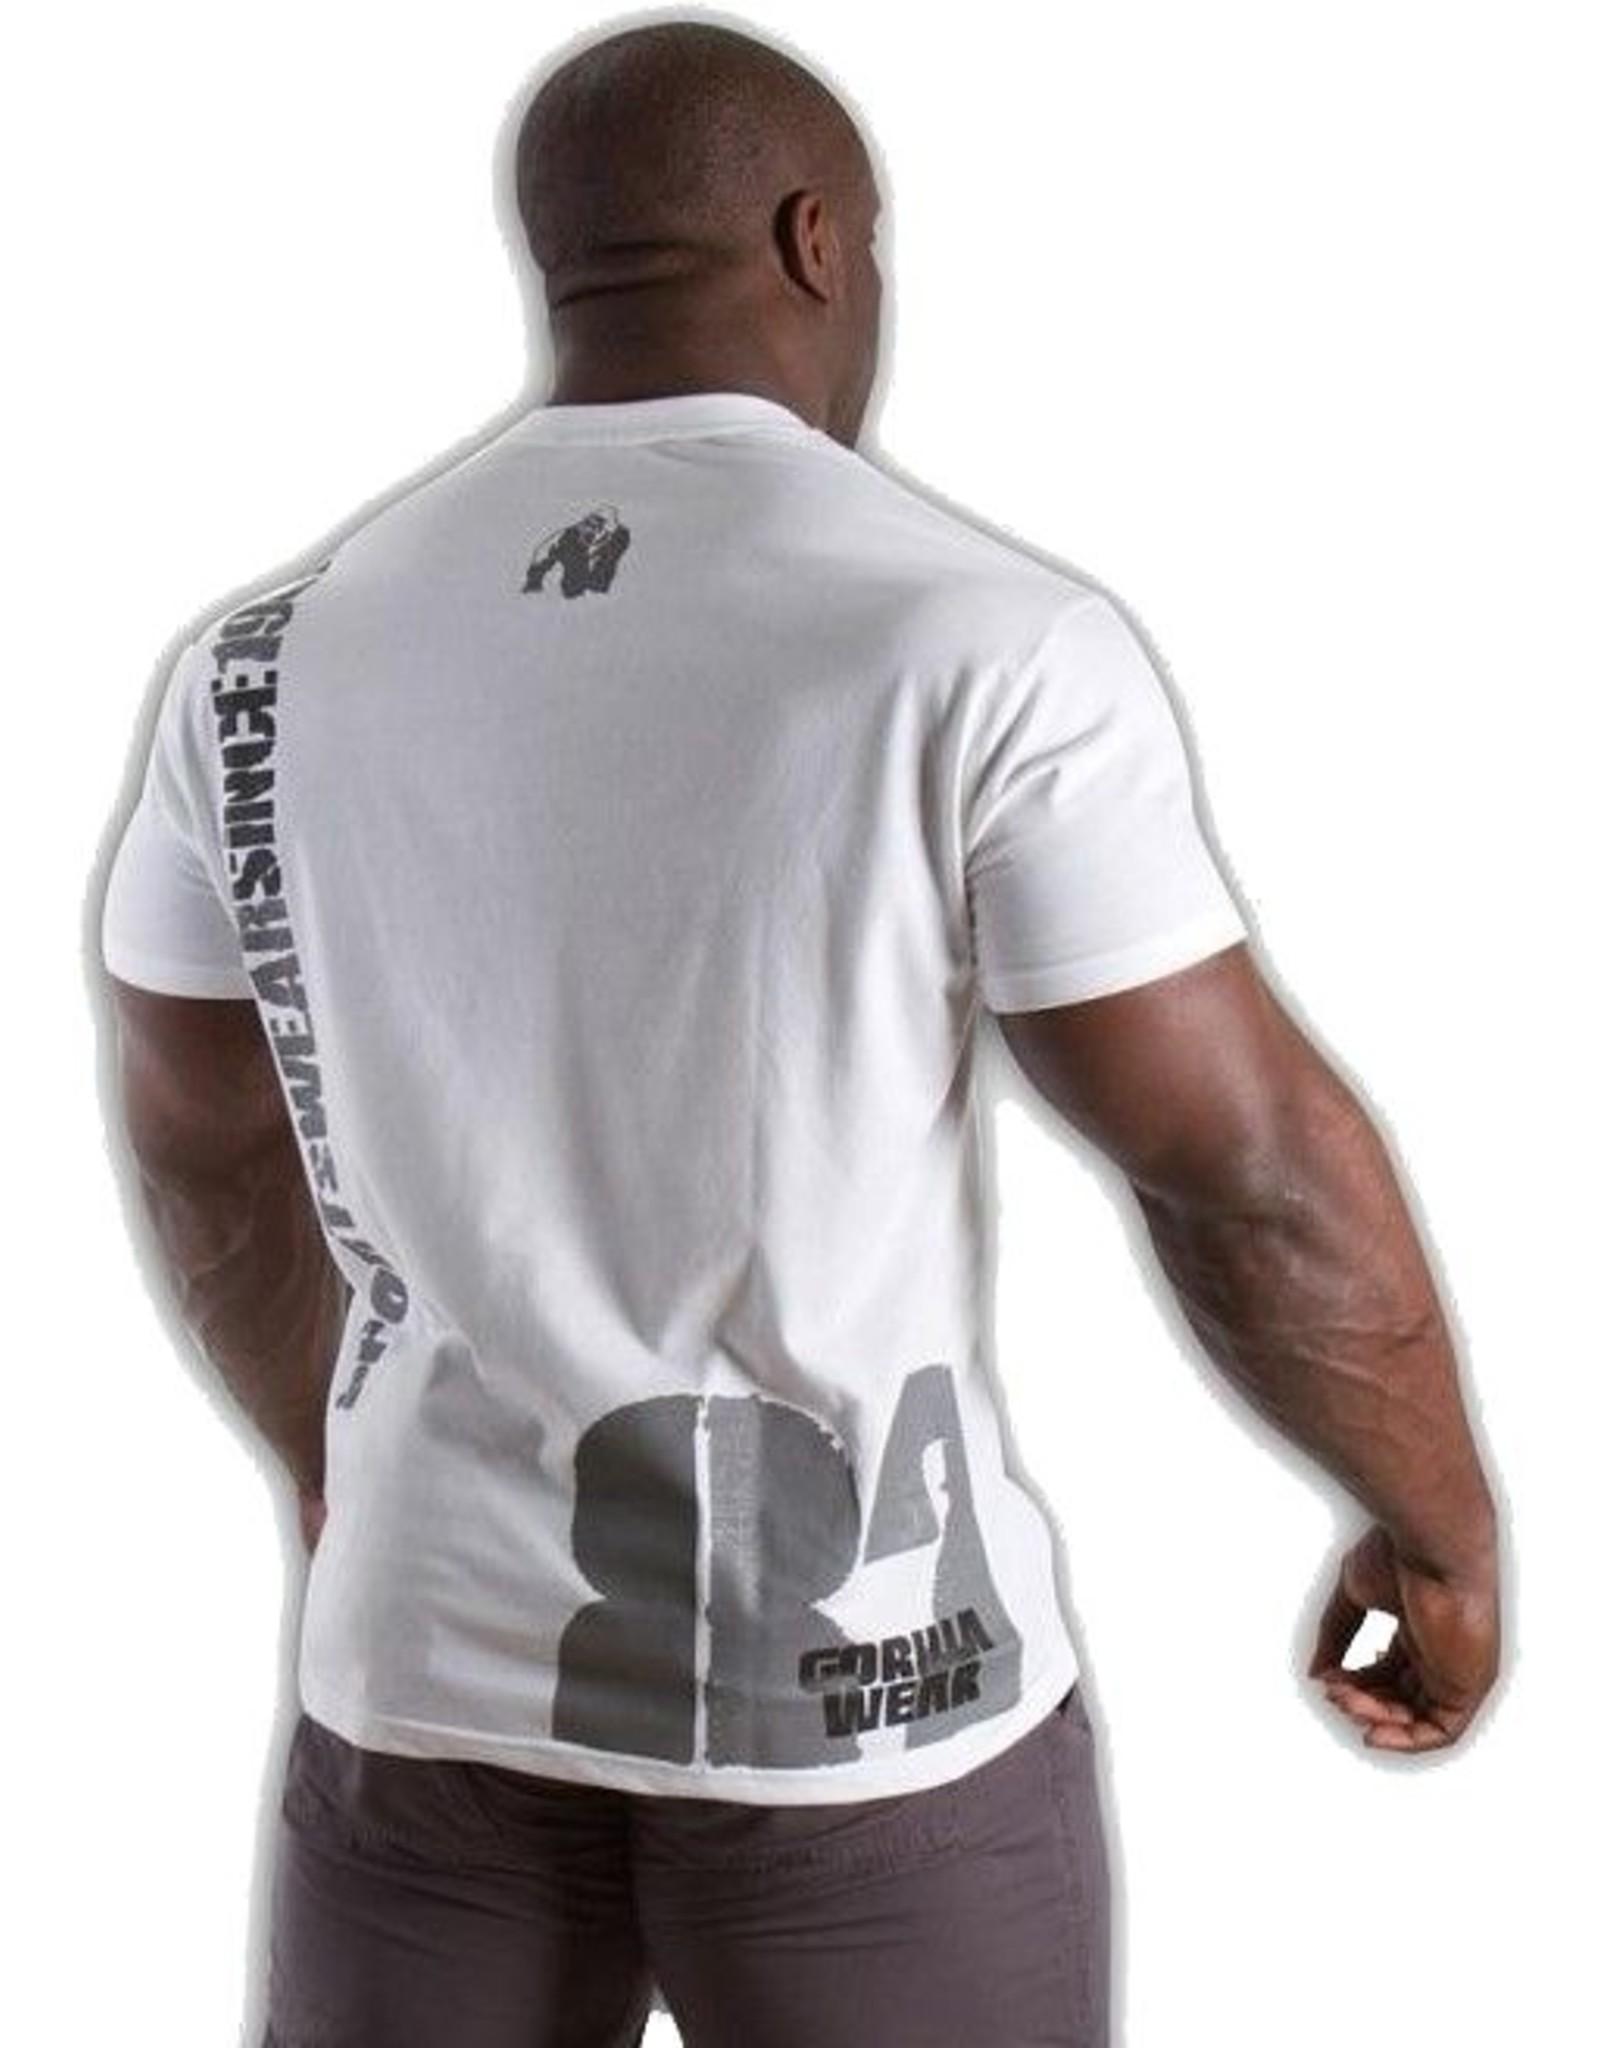 Gorilla Wear 82 Tee - White